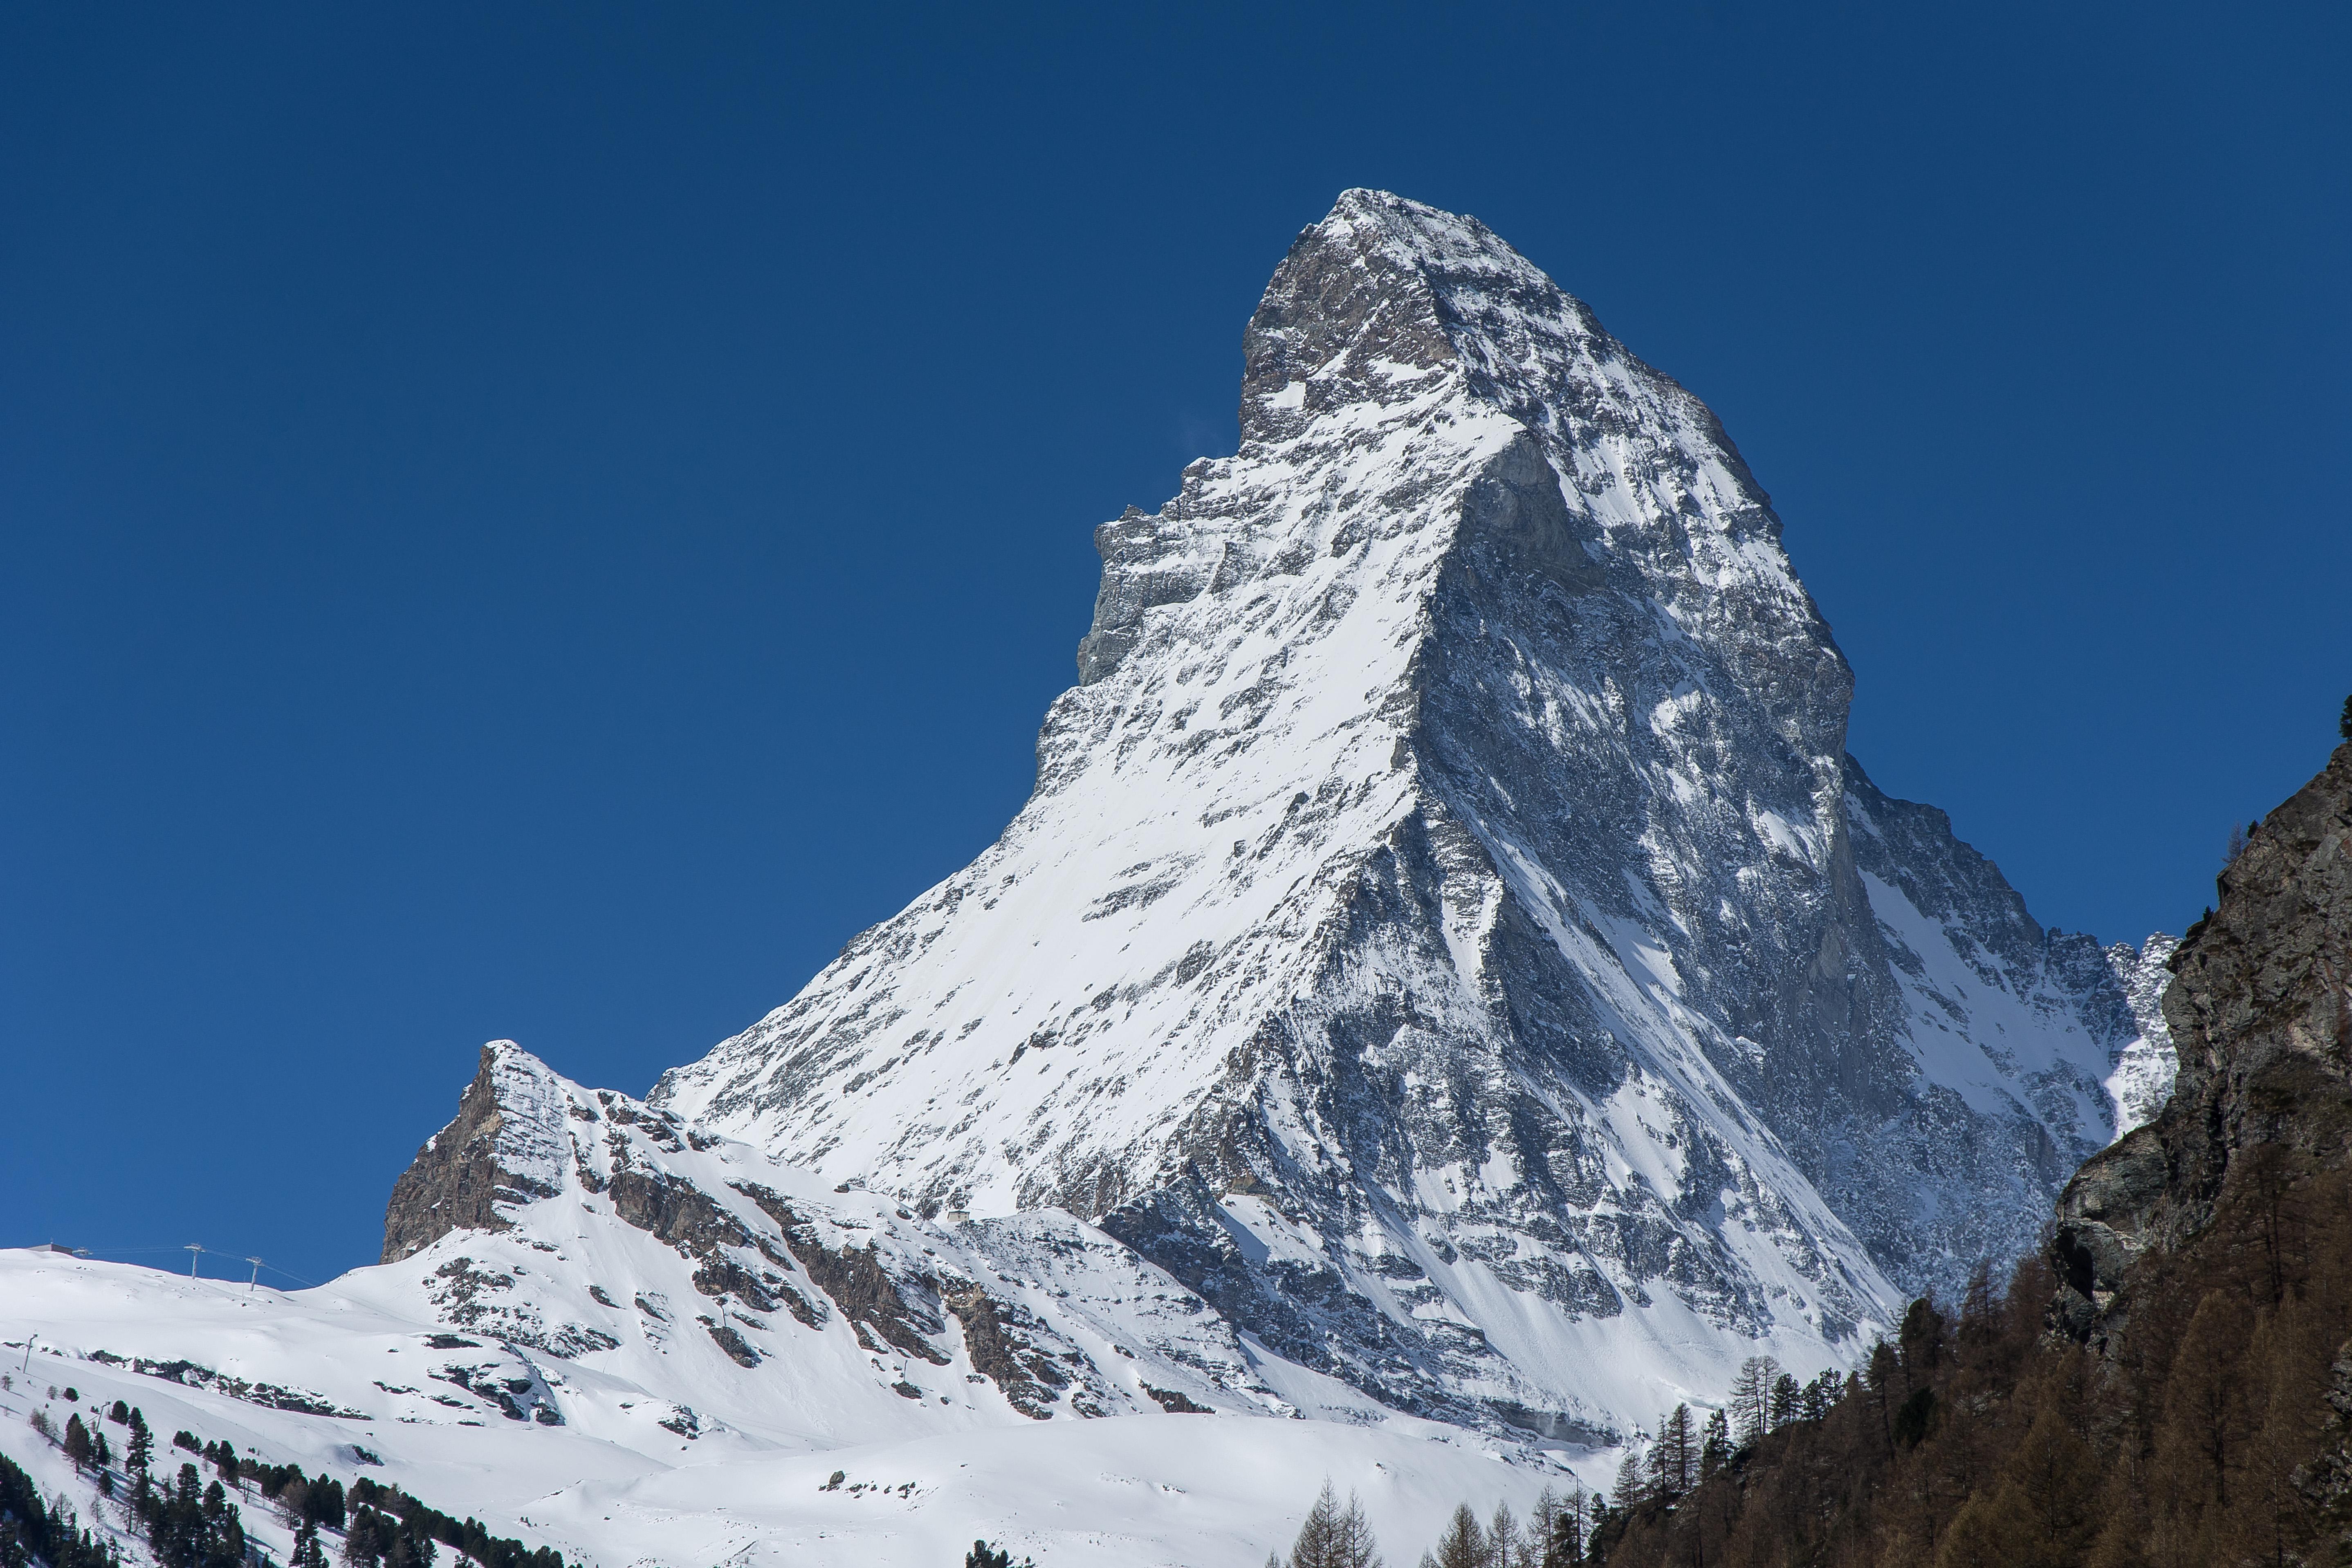 6- The Matterhorn